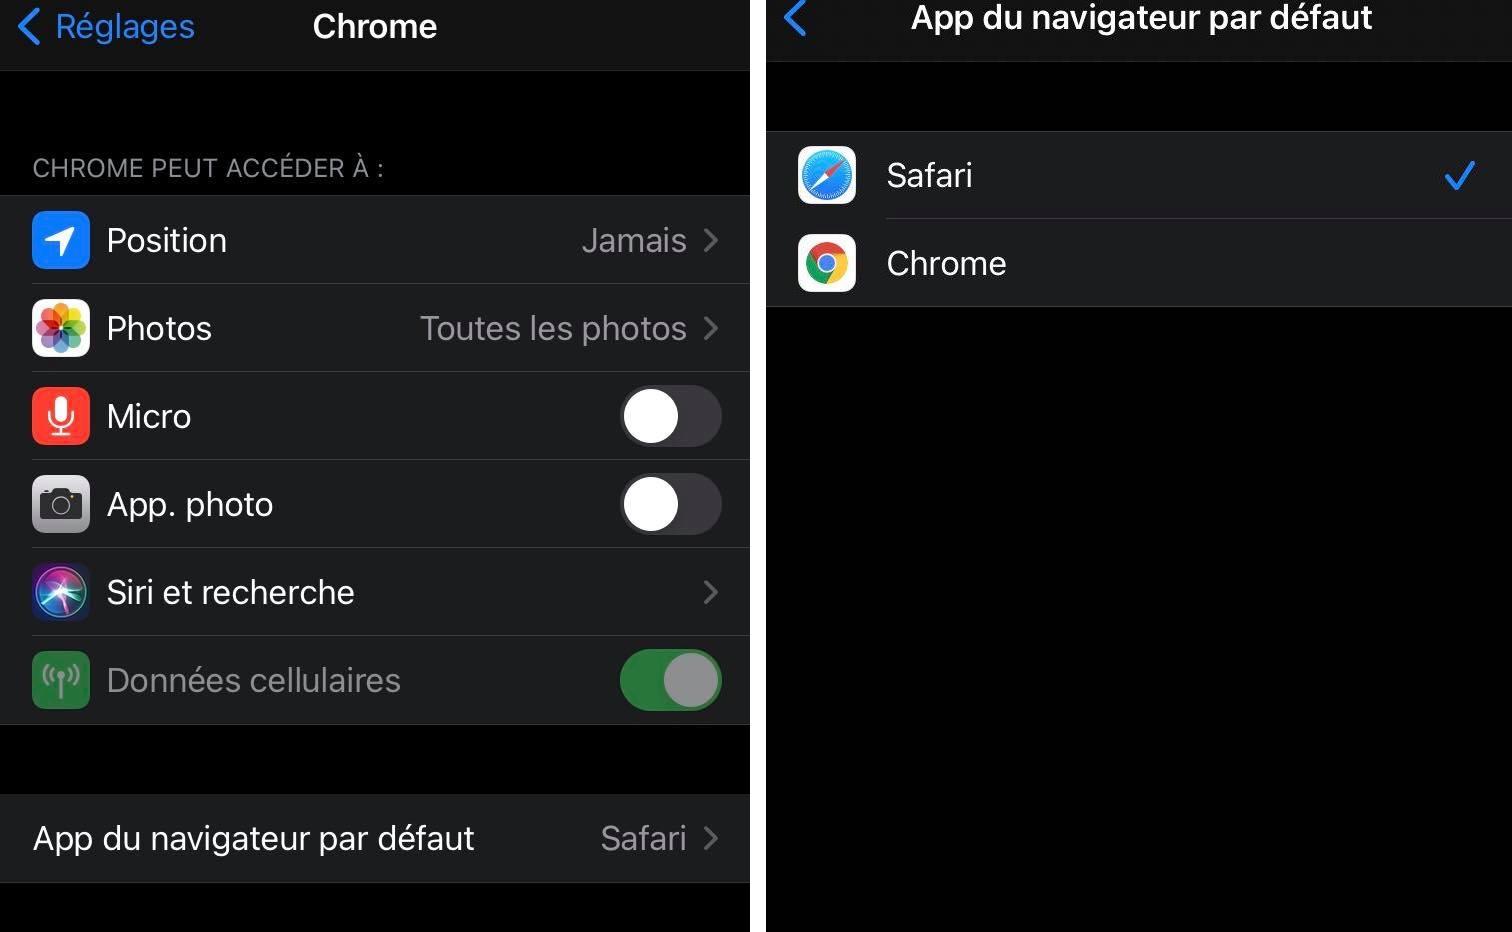 Changement de navigateur par défaut sur iOS 14